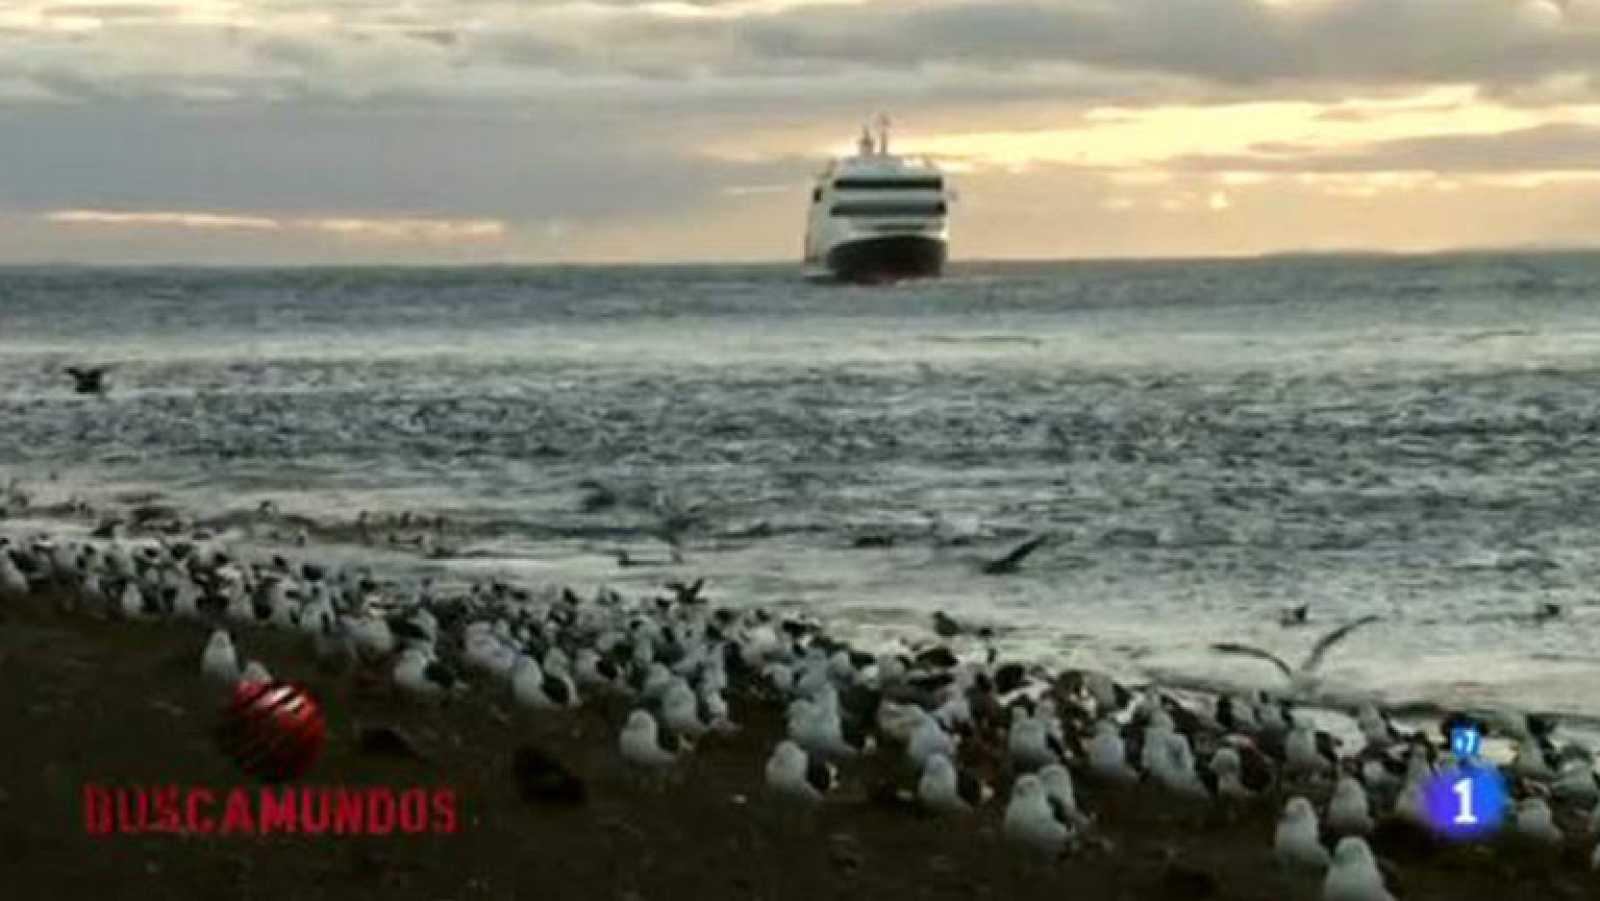 Buscamundos - Los mares del fín del mundo+Turismo funerario - Ver ahora